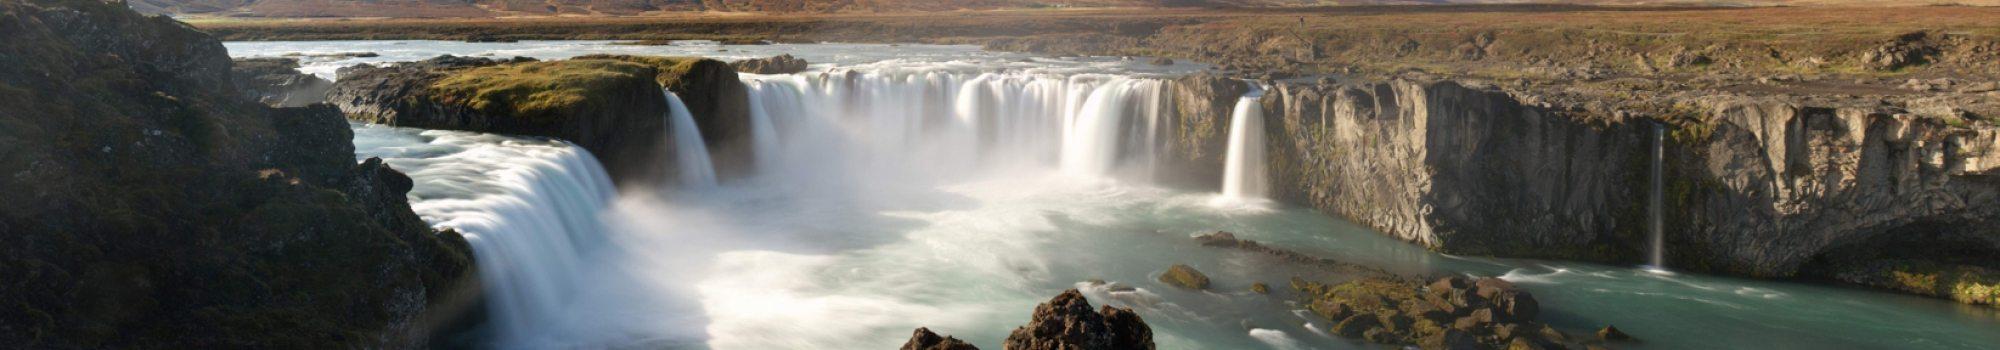 Godafoss-waterfall-Iceland-tour